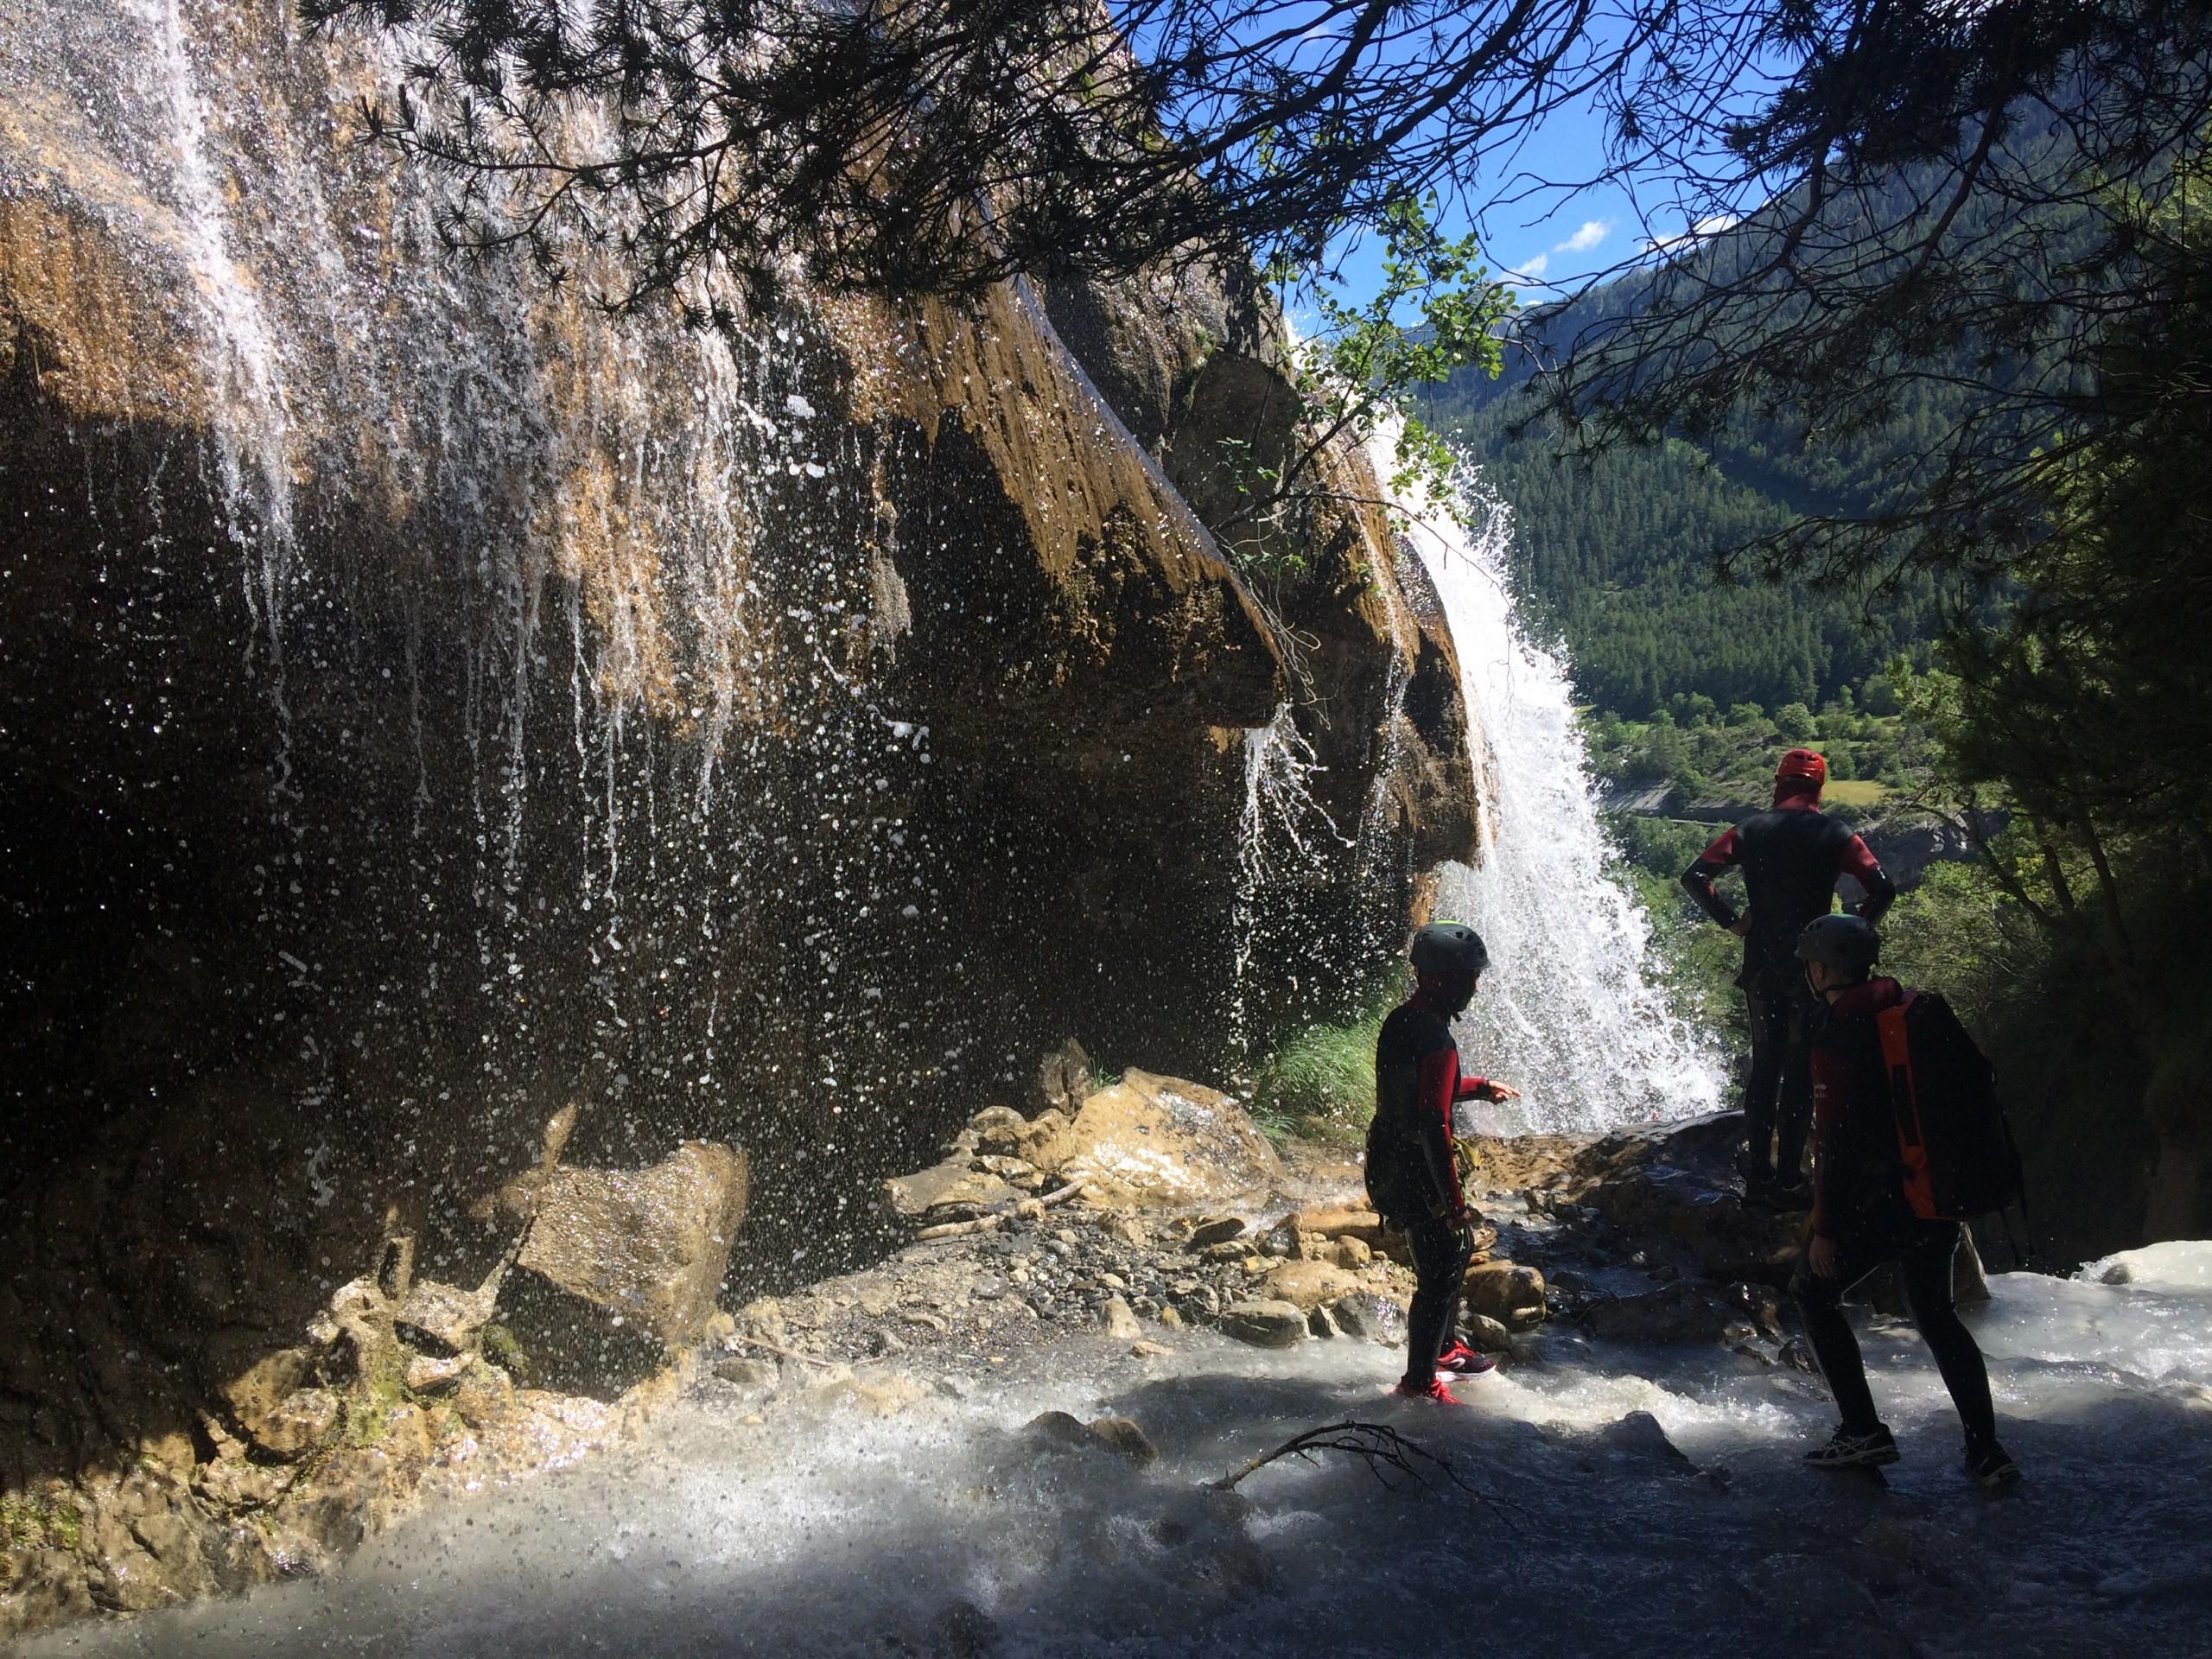 Les belles cascades de Costeplane dans le canyon de la Blache